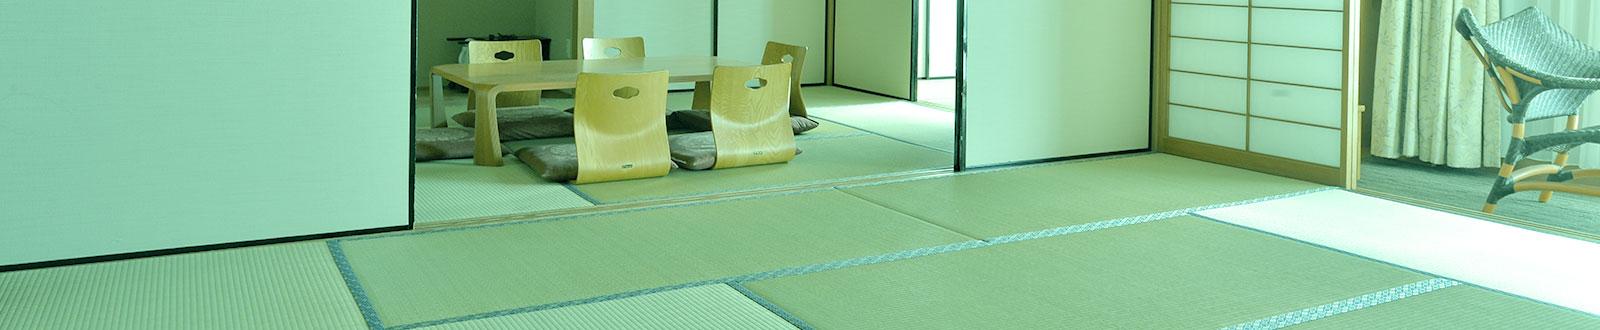 星野哲郎記念館 タタミ舞台